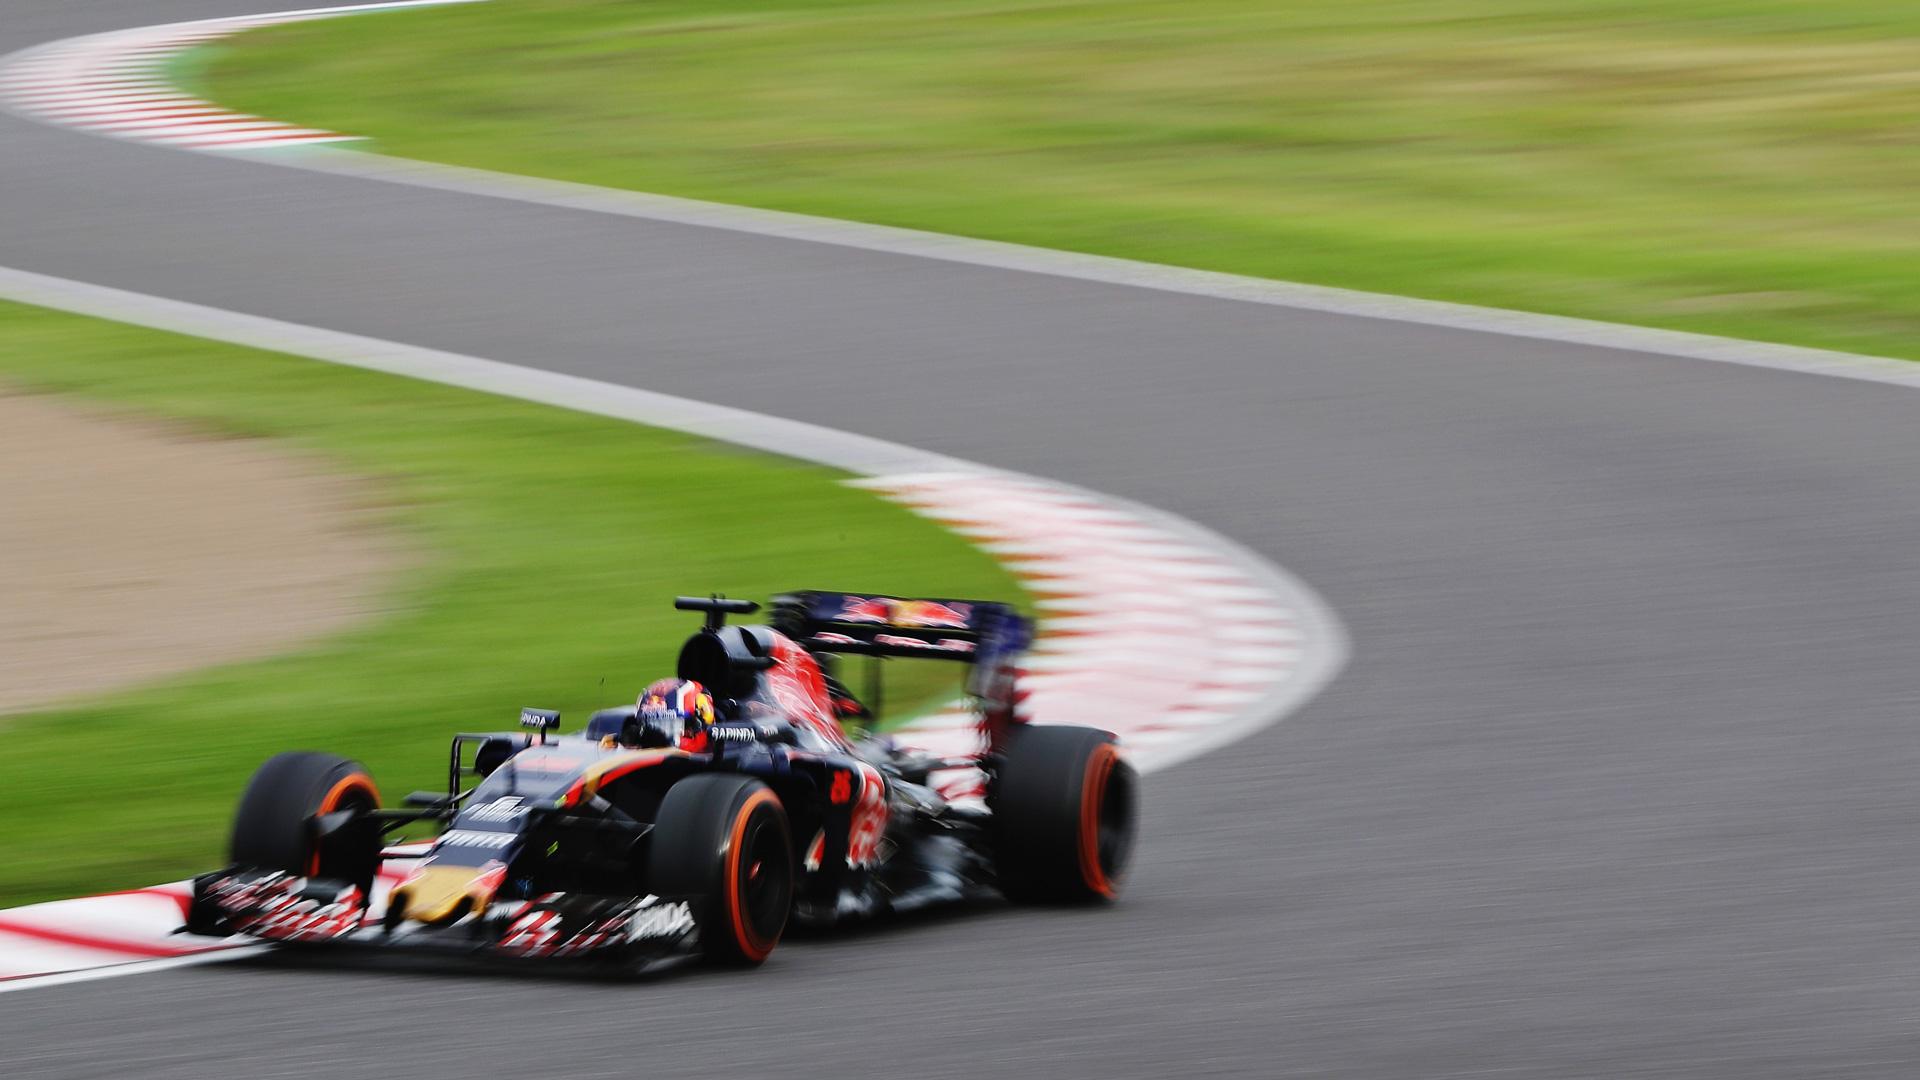 Безупречный Росберг, нервные чемпионы идругие события Гран-при Японии. Фото 11